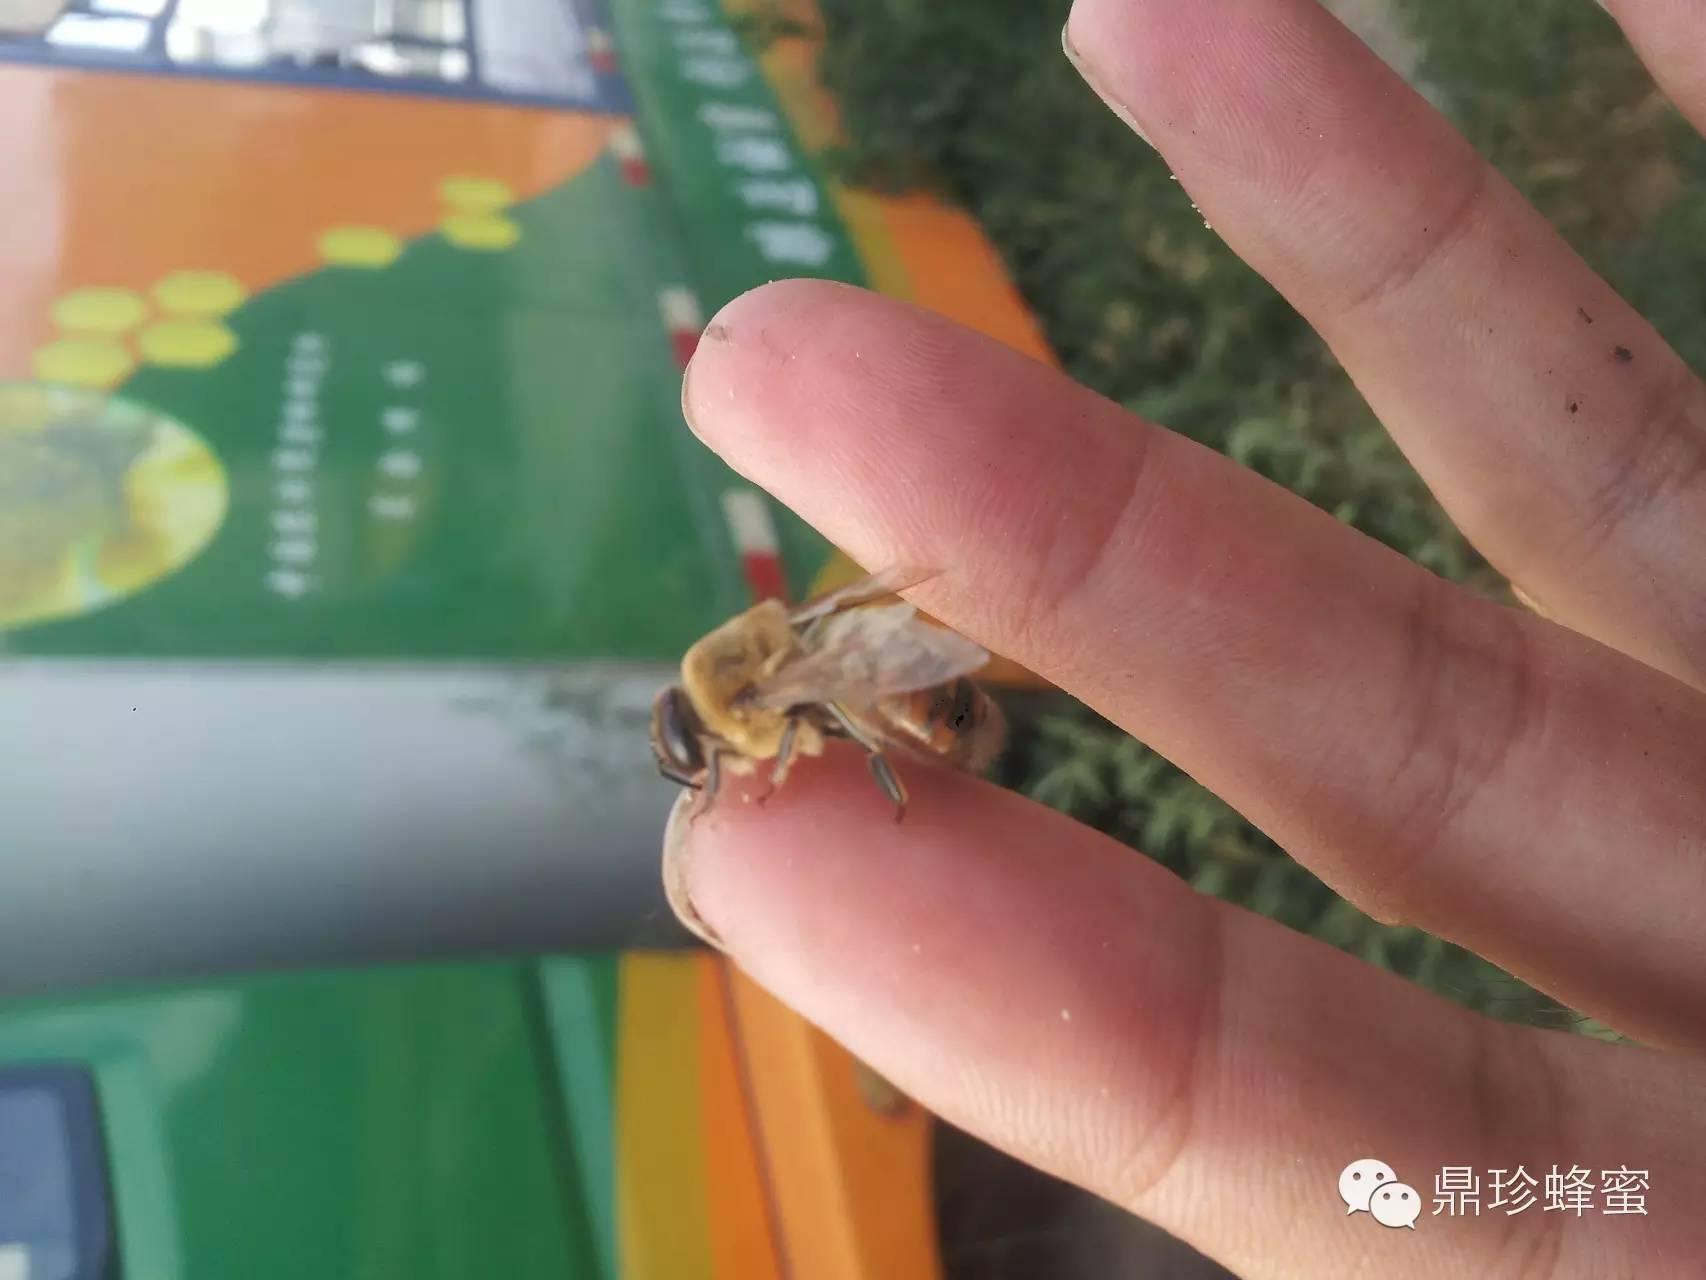 养蜂技术视频 三七粉与蜂蜜 蜂蜜怎么喝才好 天然蜂蜜价格 蜂蜜水怎么冲